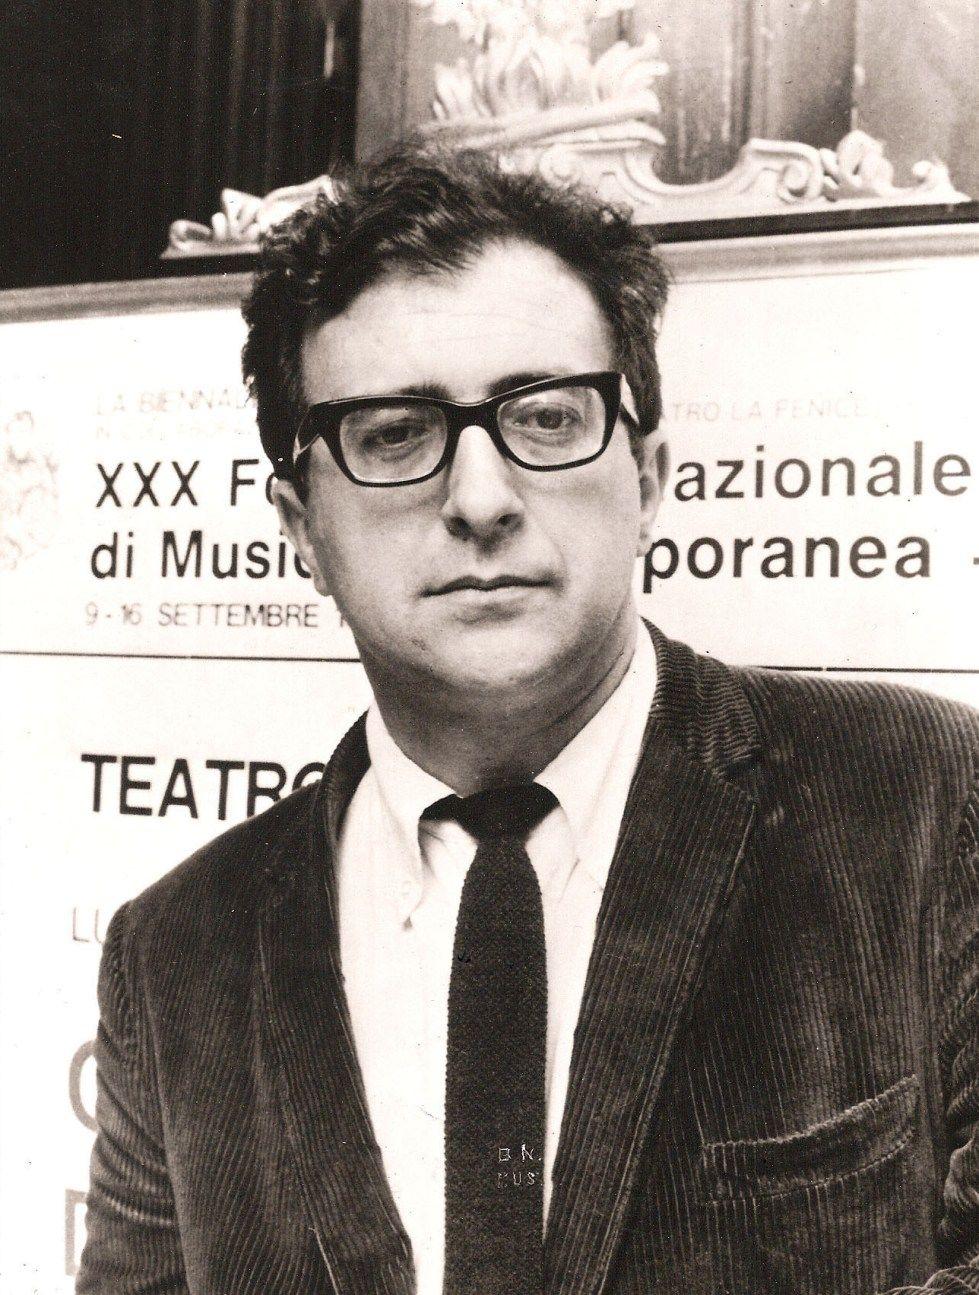 Luciano Berio [1925, Oneglia, Italy - 2003, Rome, Italy] was